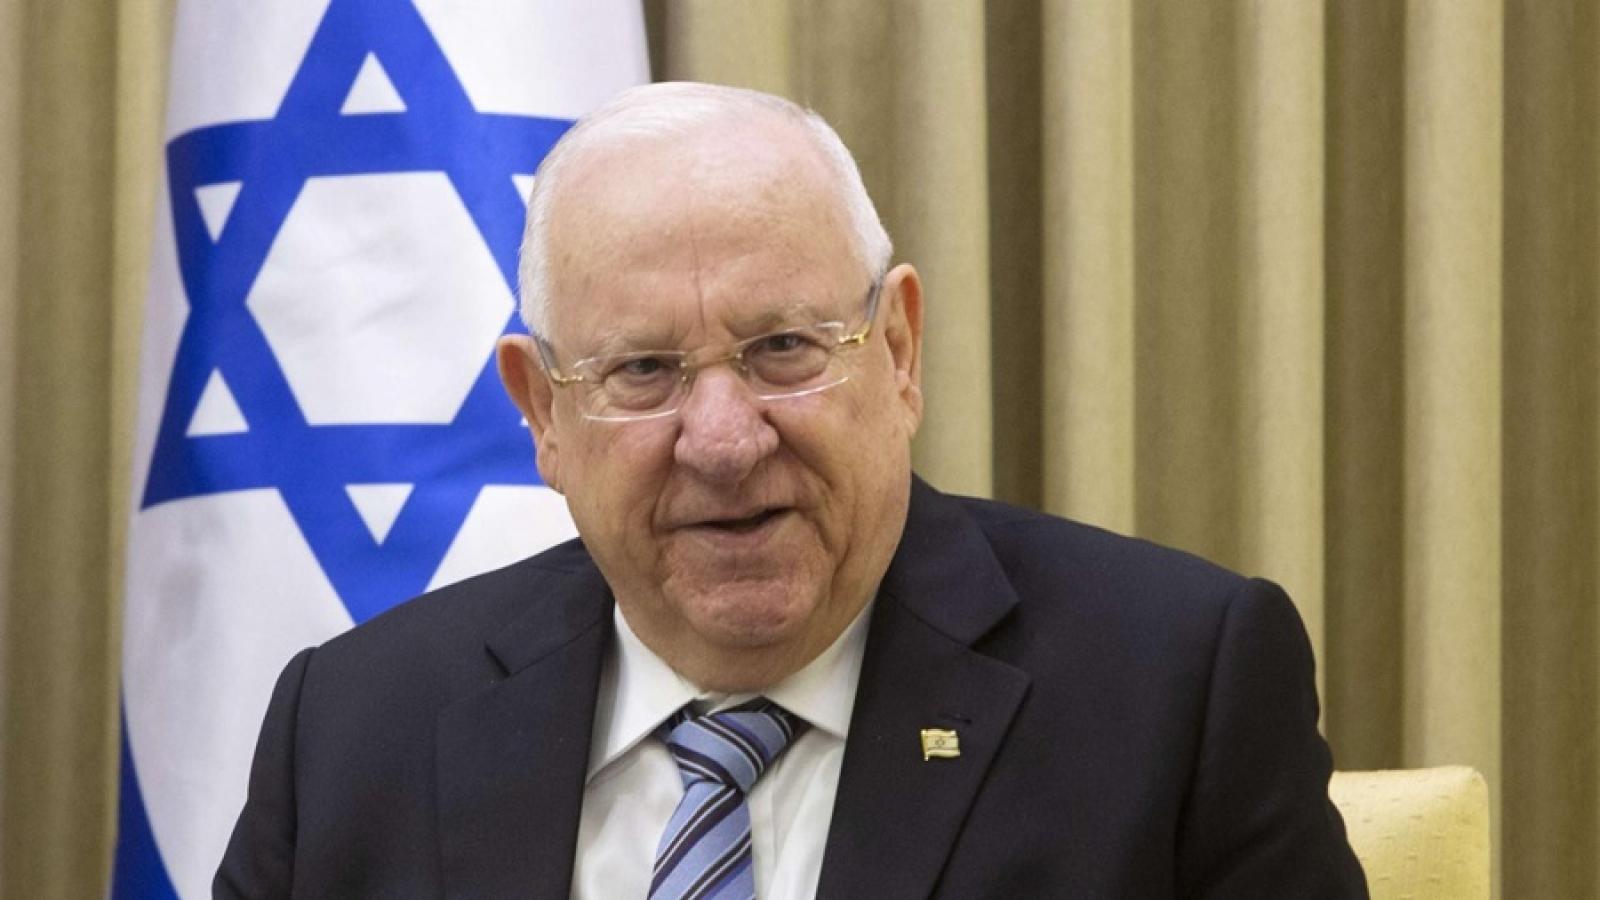 Tổng thống Israel chúc Đại hội Đảng thành công, khẳng định Việt Nam là tấm gương tốt